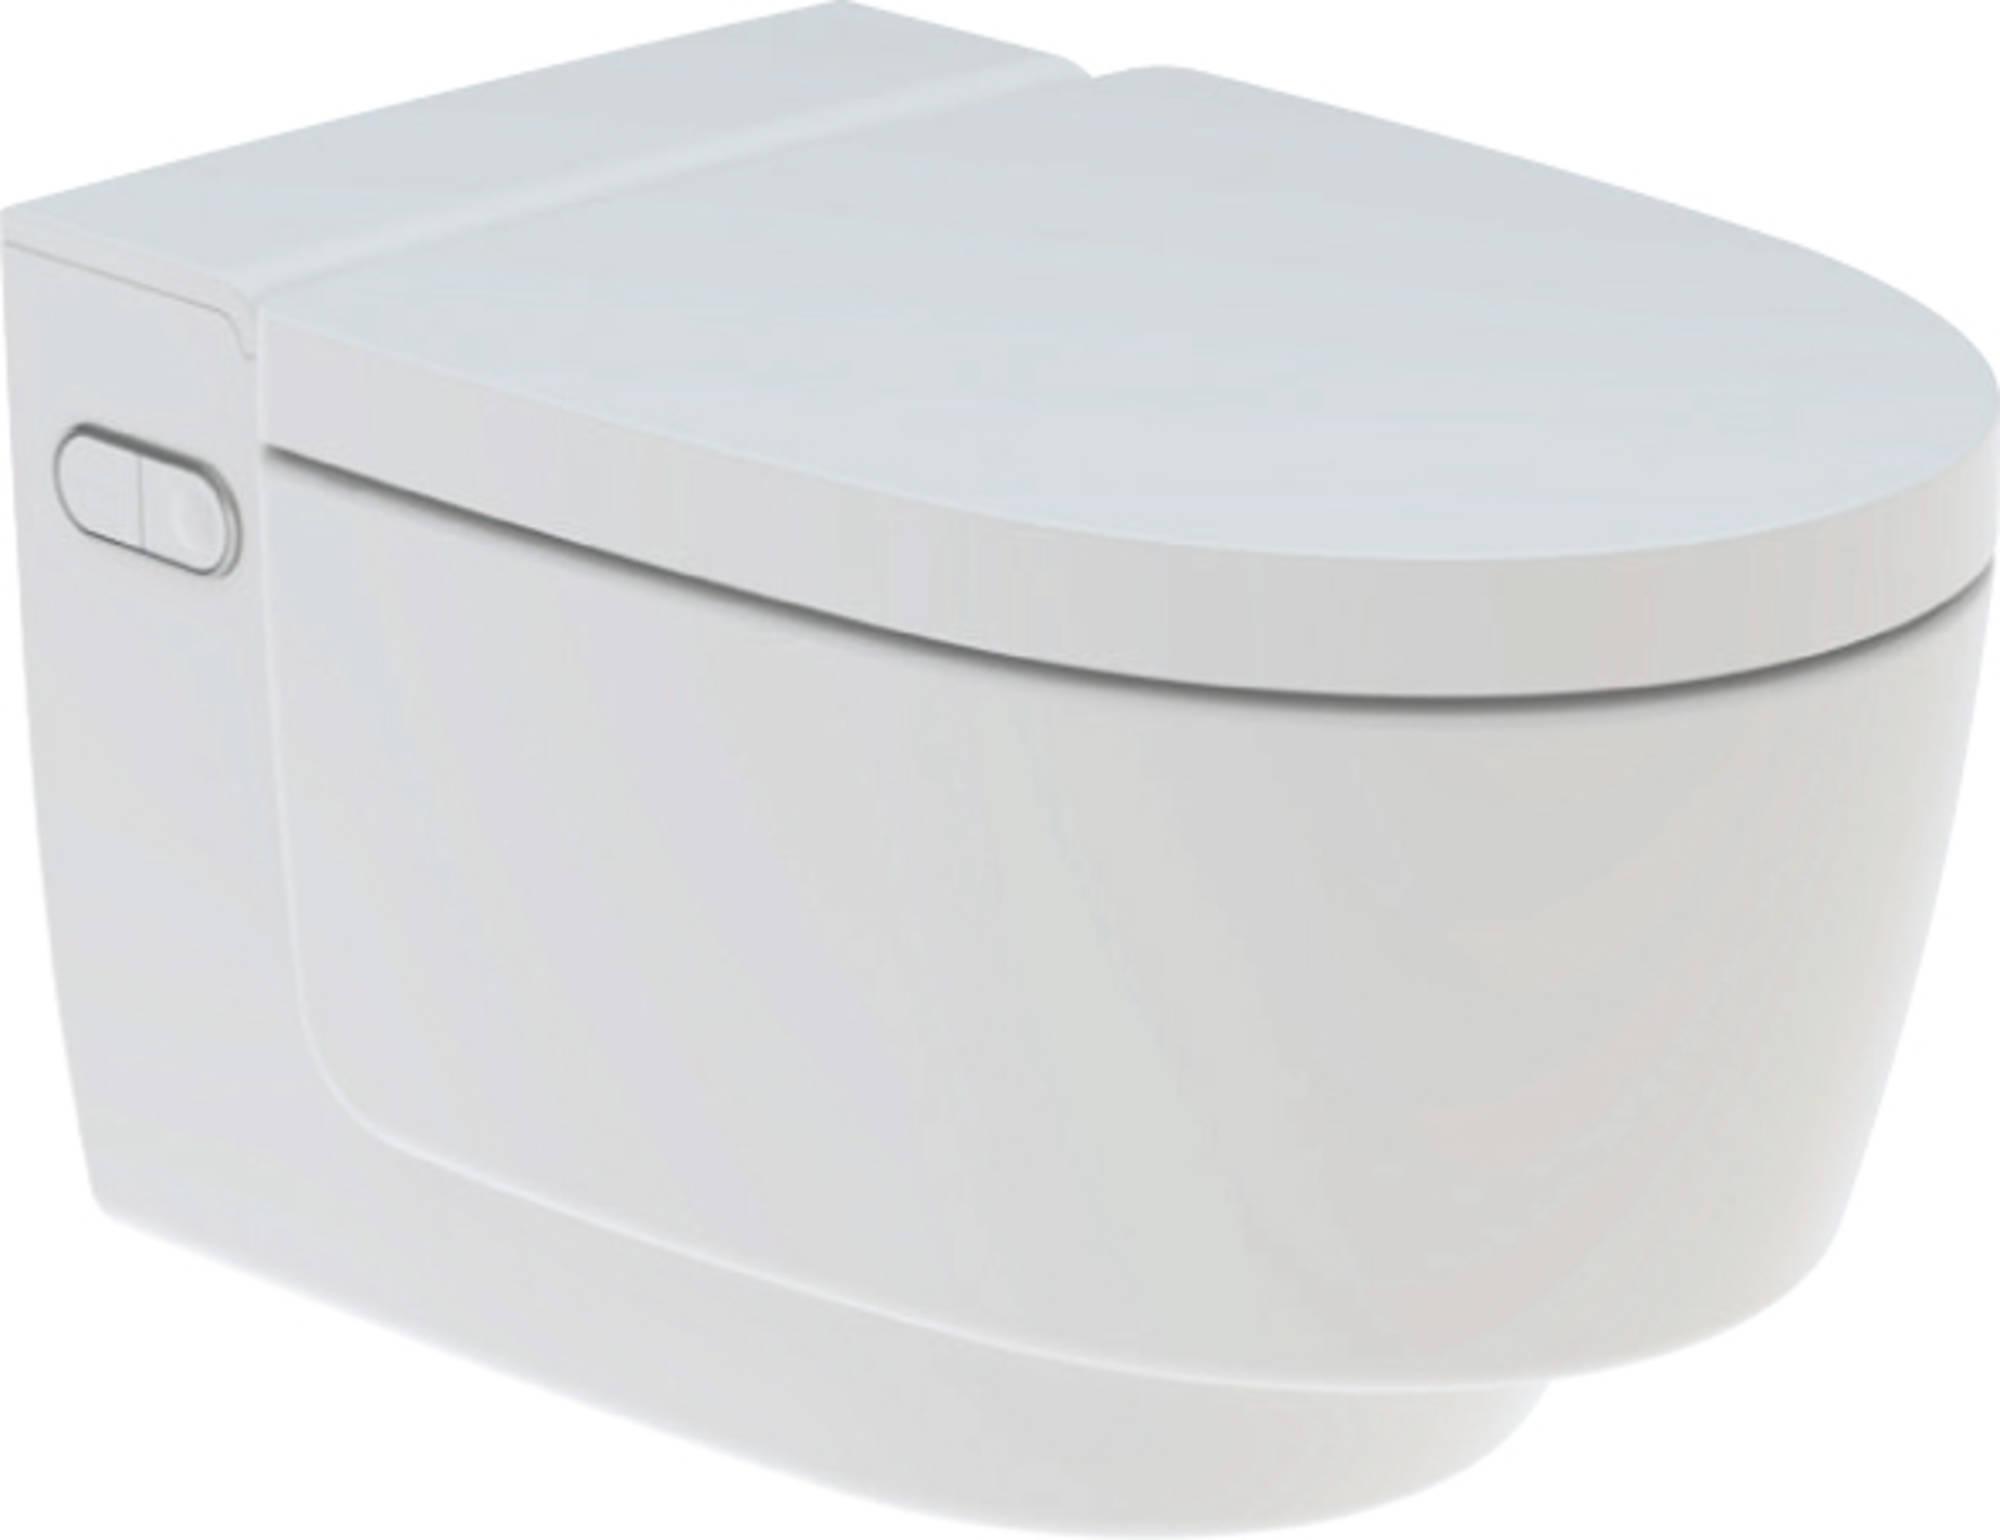 Productafbeelding van Douche WC Geberit AquaClean Mera Classic met Geurafzuiging Warme Luchtdroging en Ladydouche met Softclose en Deksel Wit